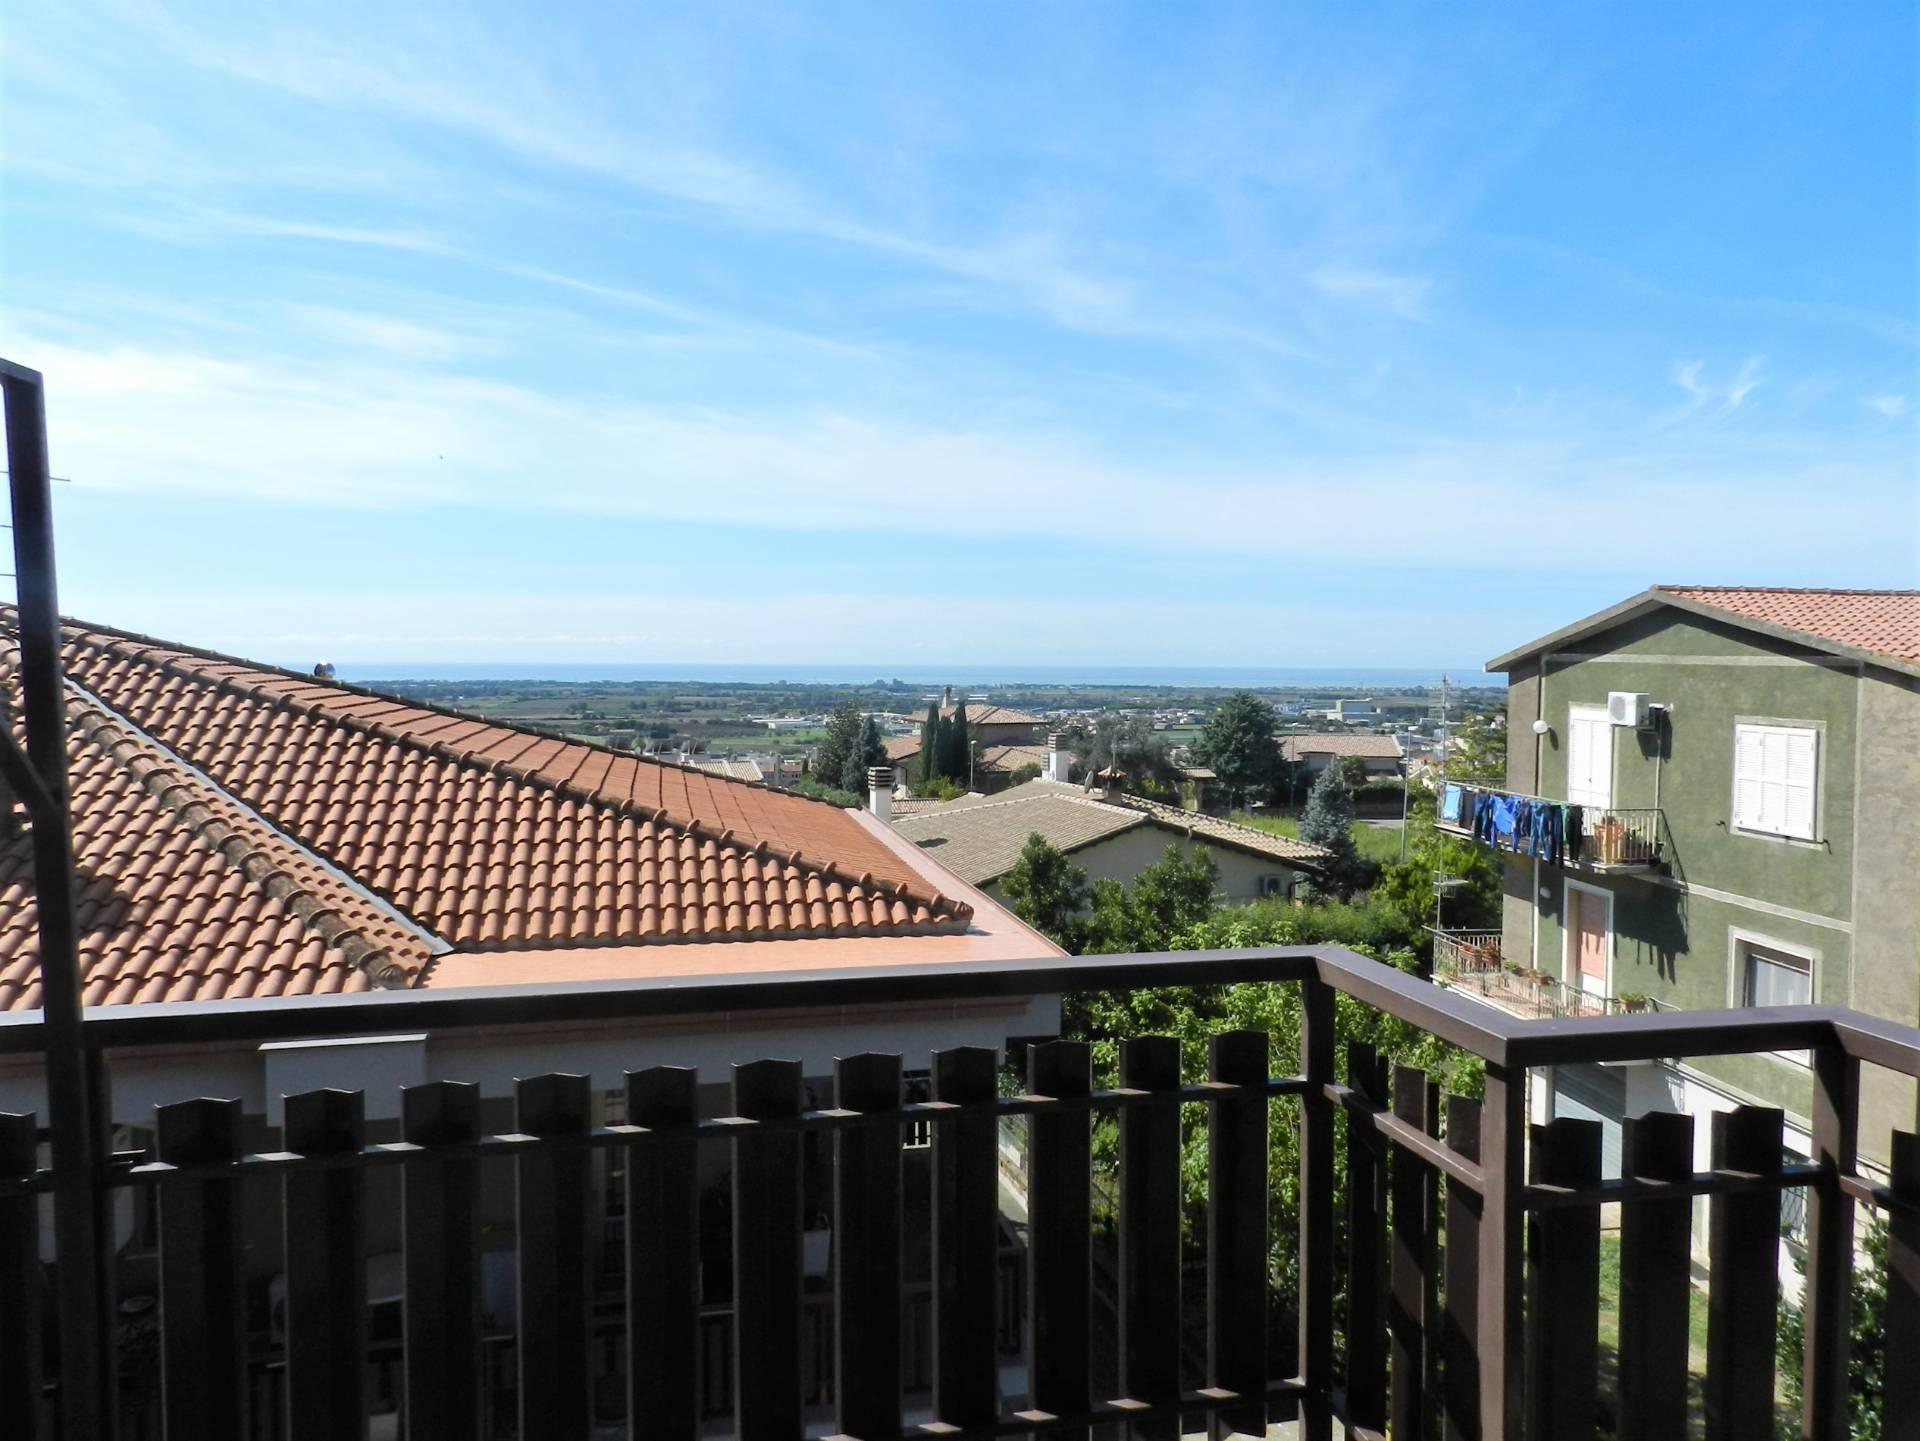 Appartamento in vendita a Tarquinia, 5 locali, zona Località: Paparello, prezzo € 240.000 | PortaleAgenzieImmobiliari.it